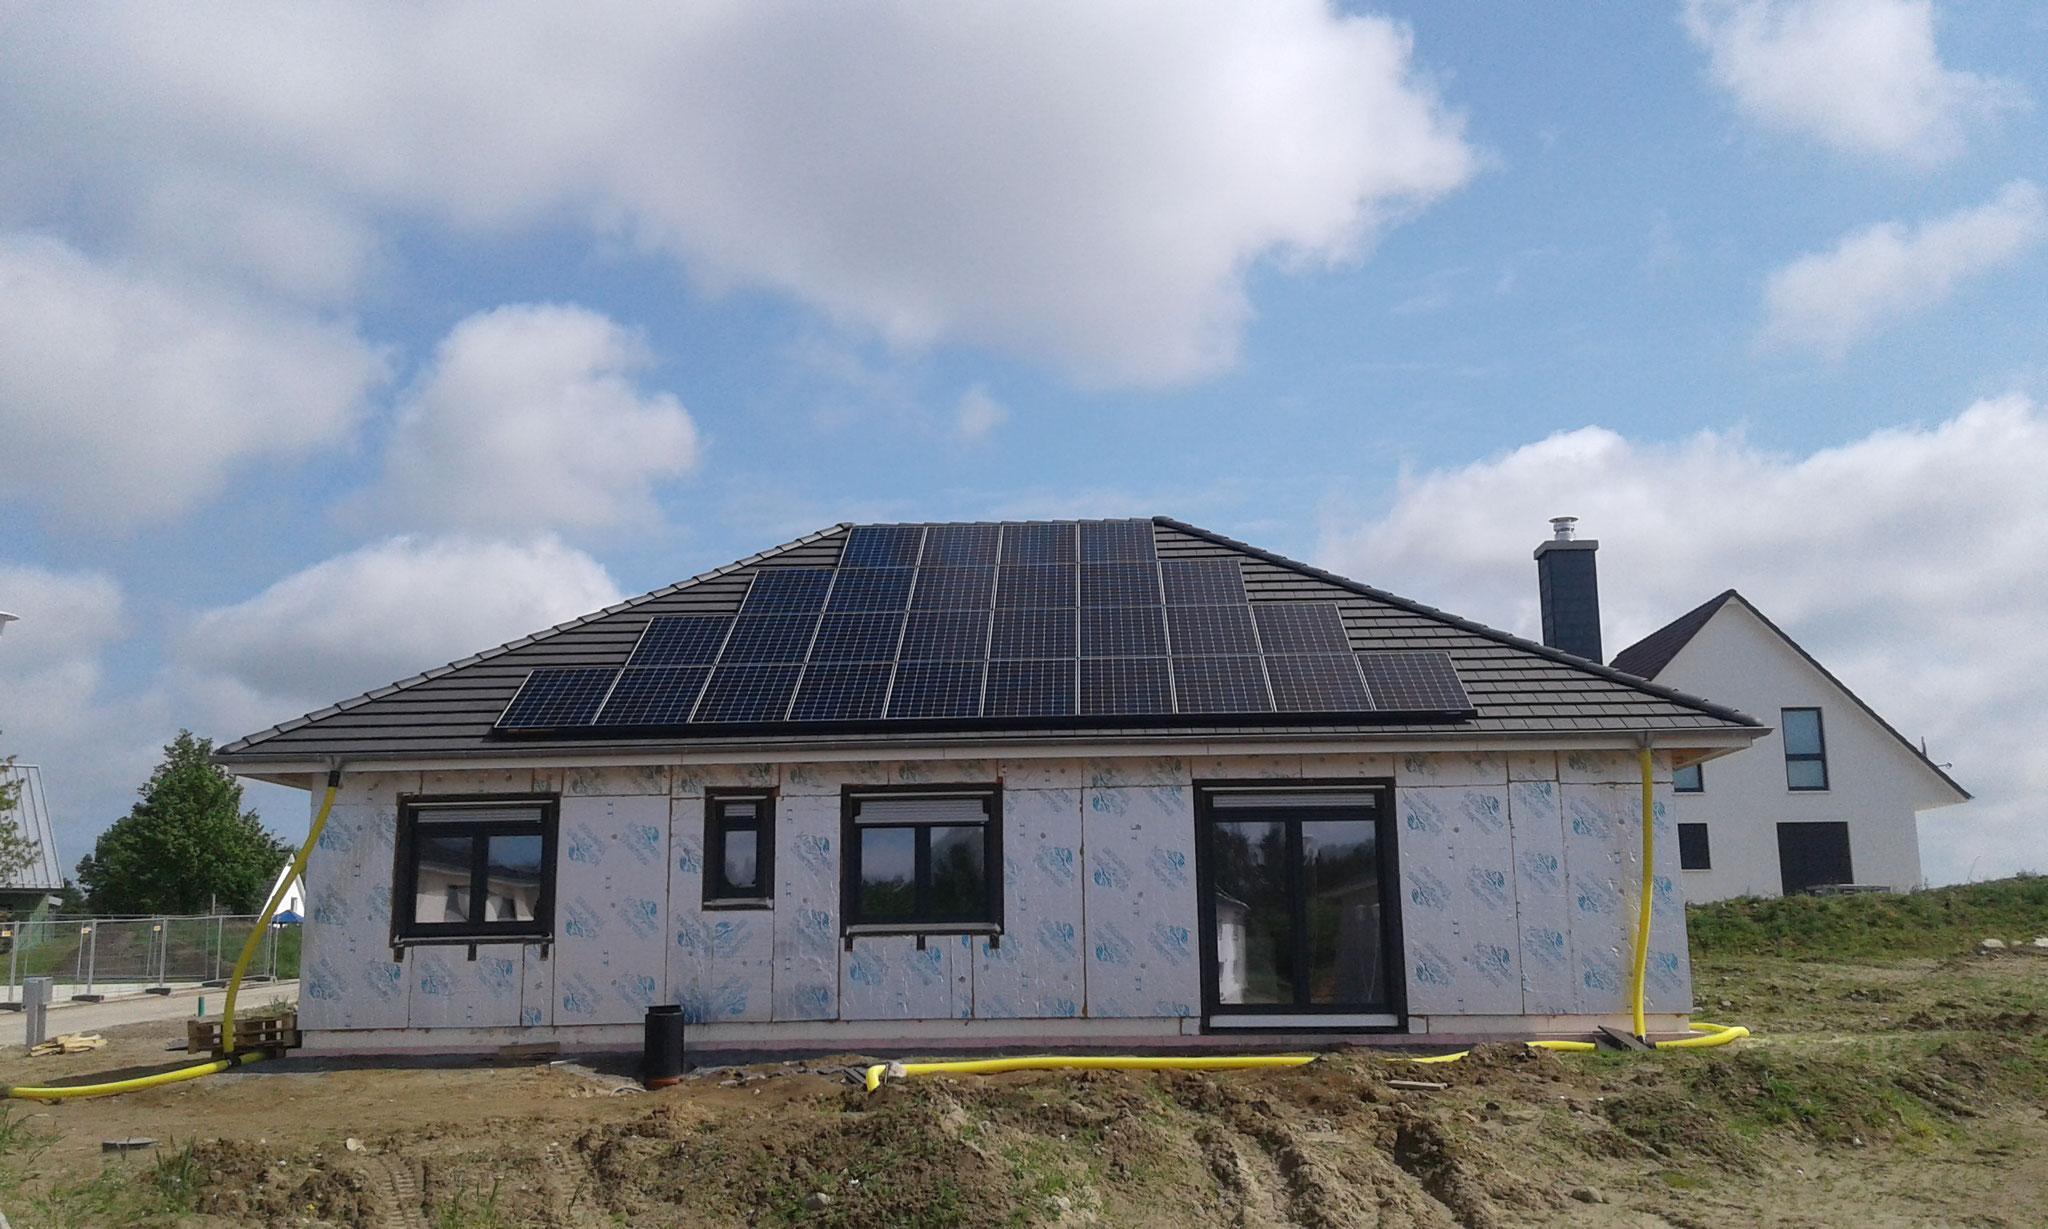 10 kWp Sunpower Süd/West, Solaredge Wechselrichter inkl. 10 kWh Senec Speicher und Cloud 2.0 in Satow bei Bad Doberan